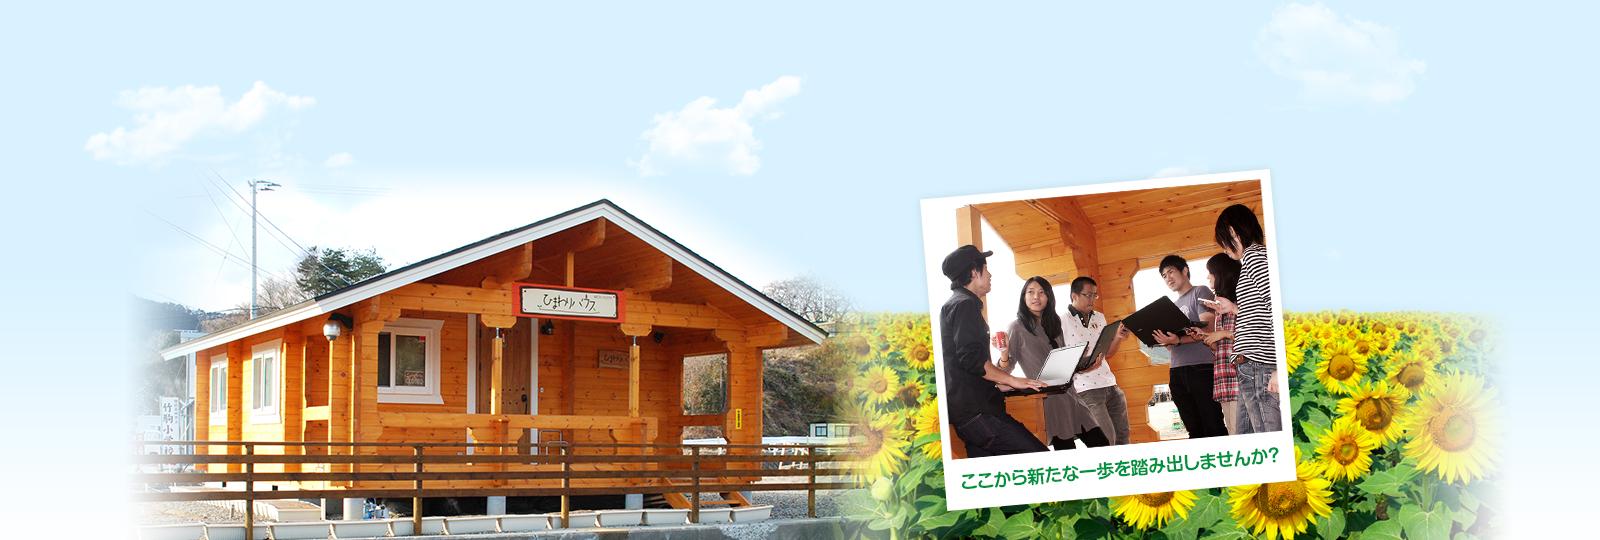 Hiwamari House, Rikuzentakata